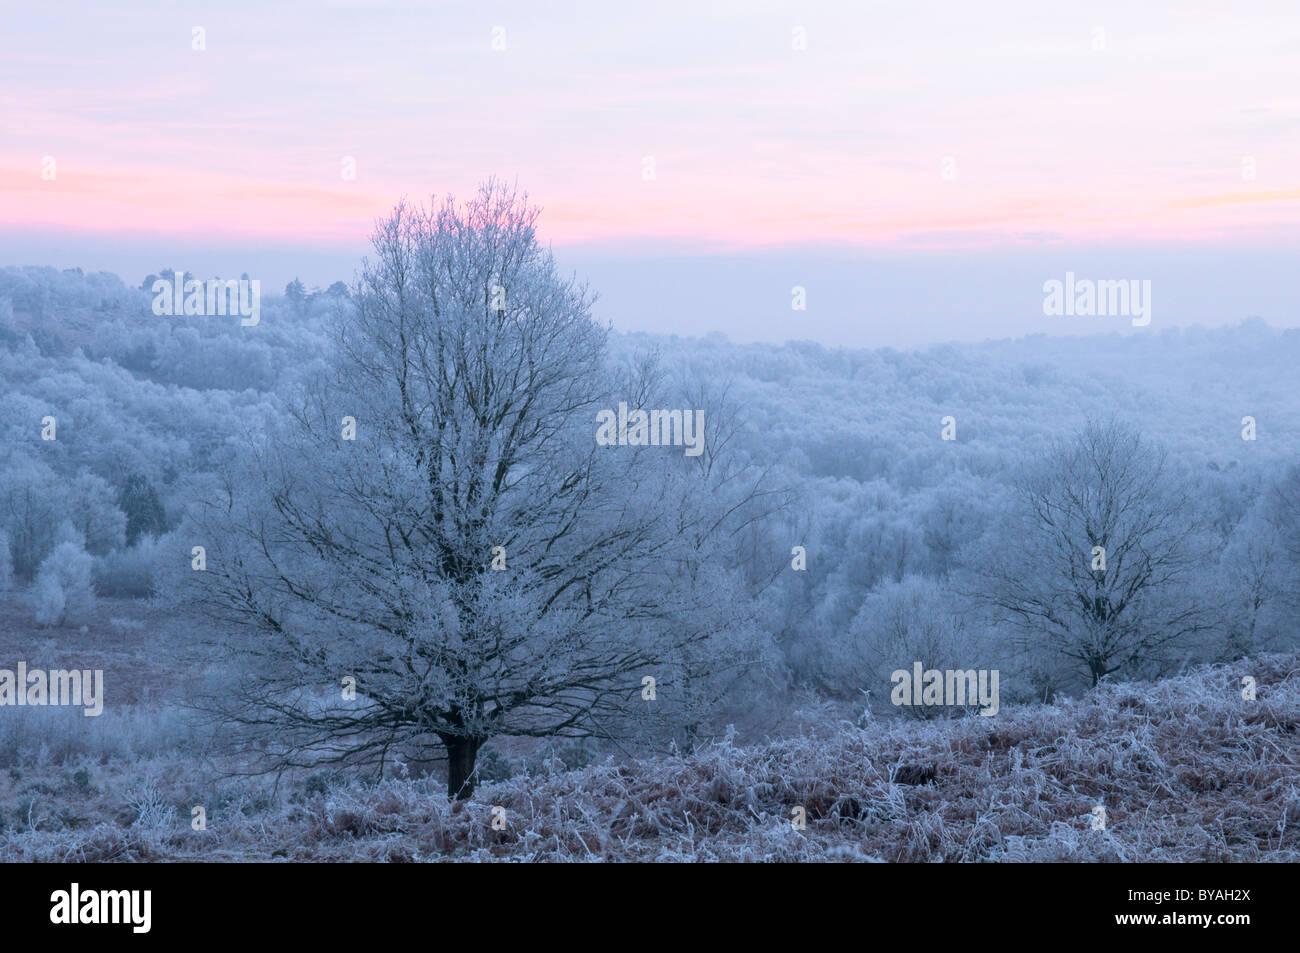 Trasformata per forte gradiente la brina su alberi. woolbeding comune, vicino a Midhurst, west sussex, Regno Unito. Immagini Stock